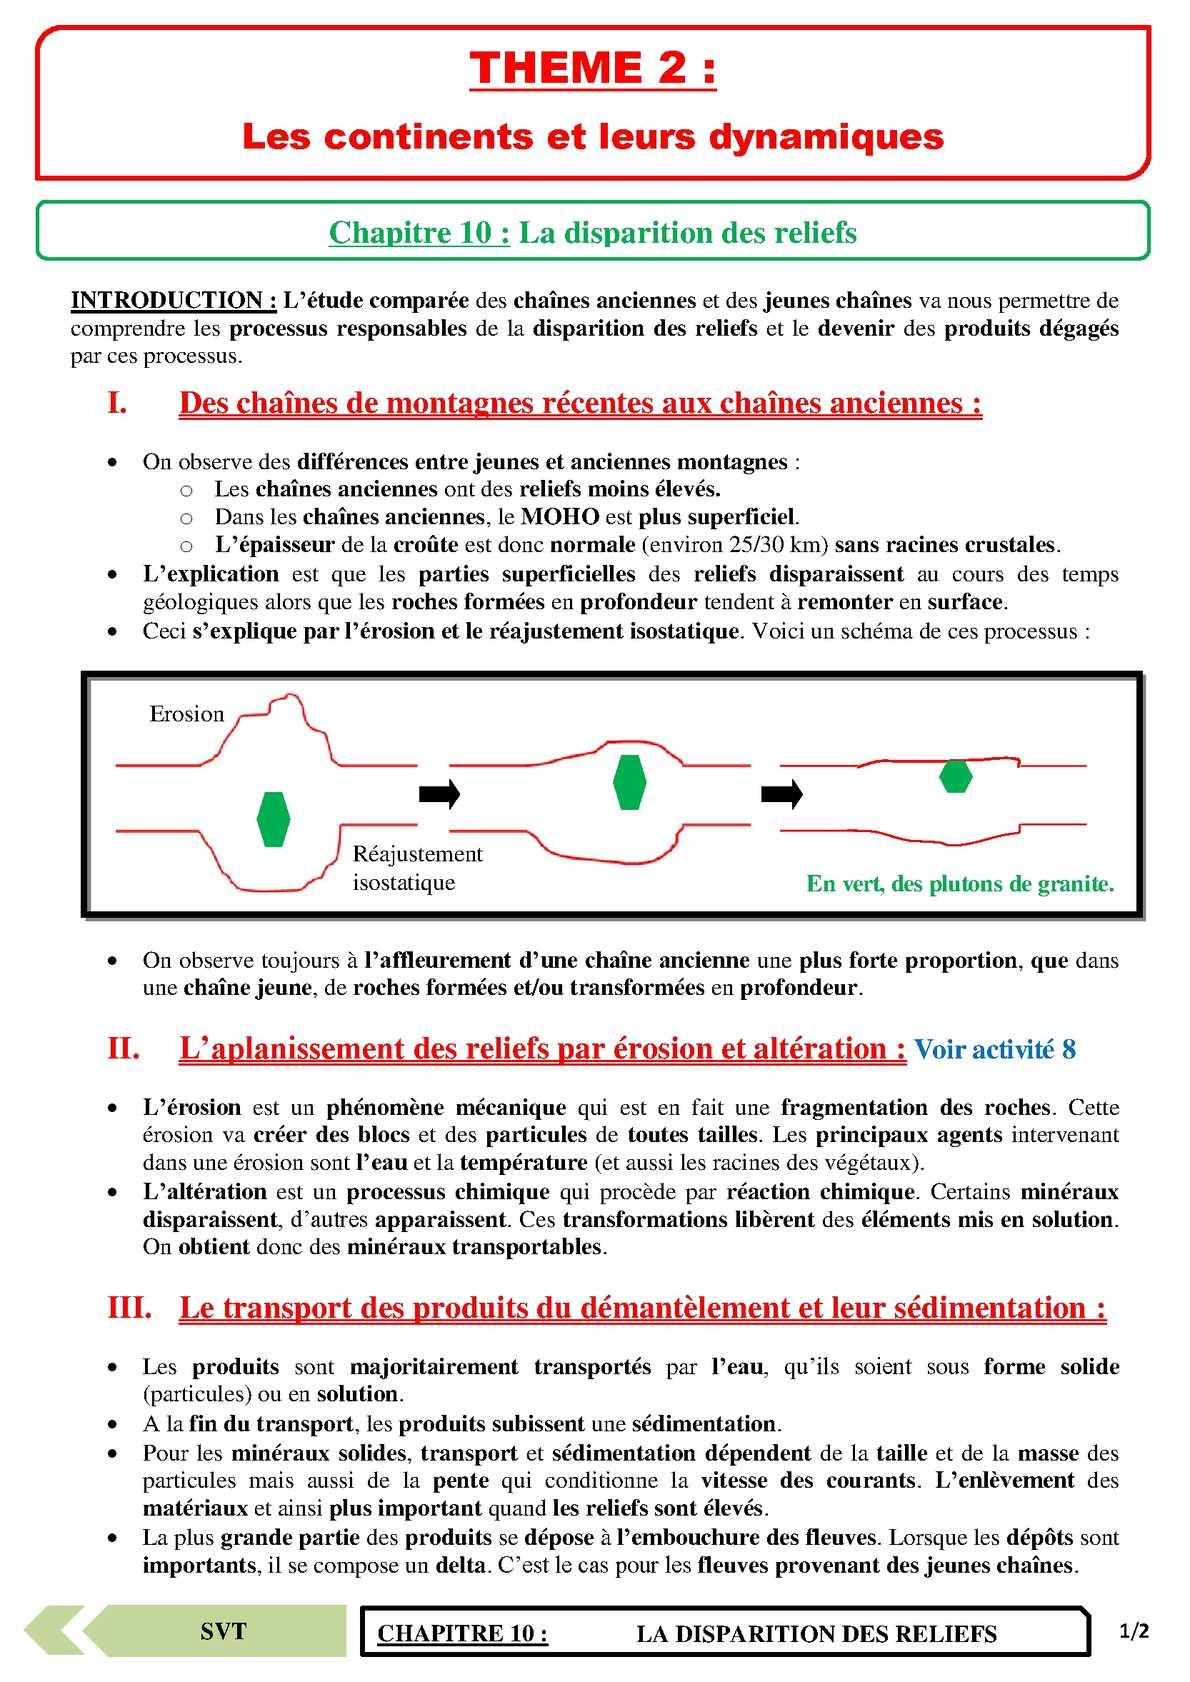 TS - SVT - Chapitre 10 | JéSky.fr